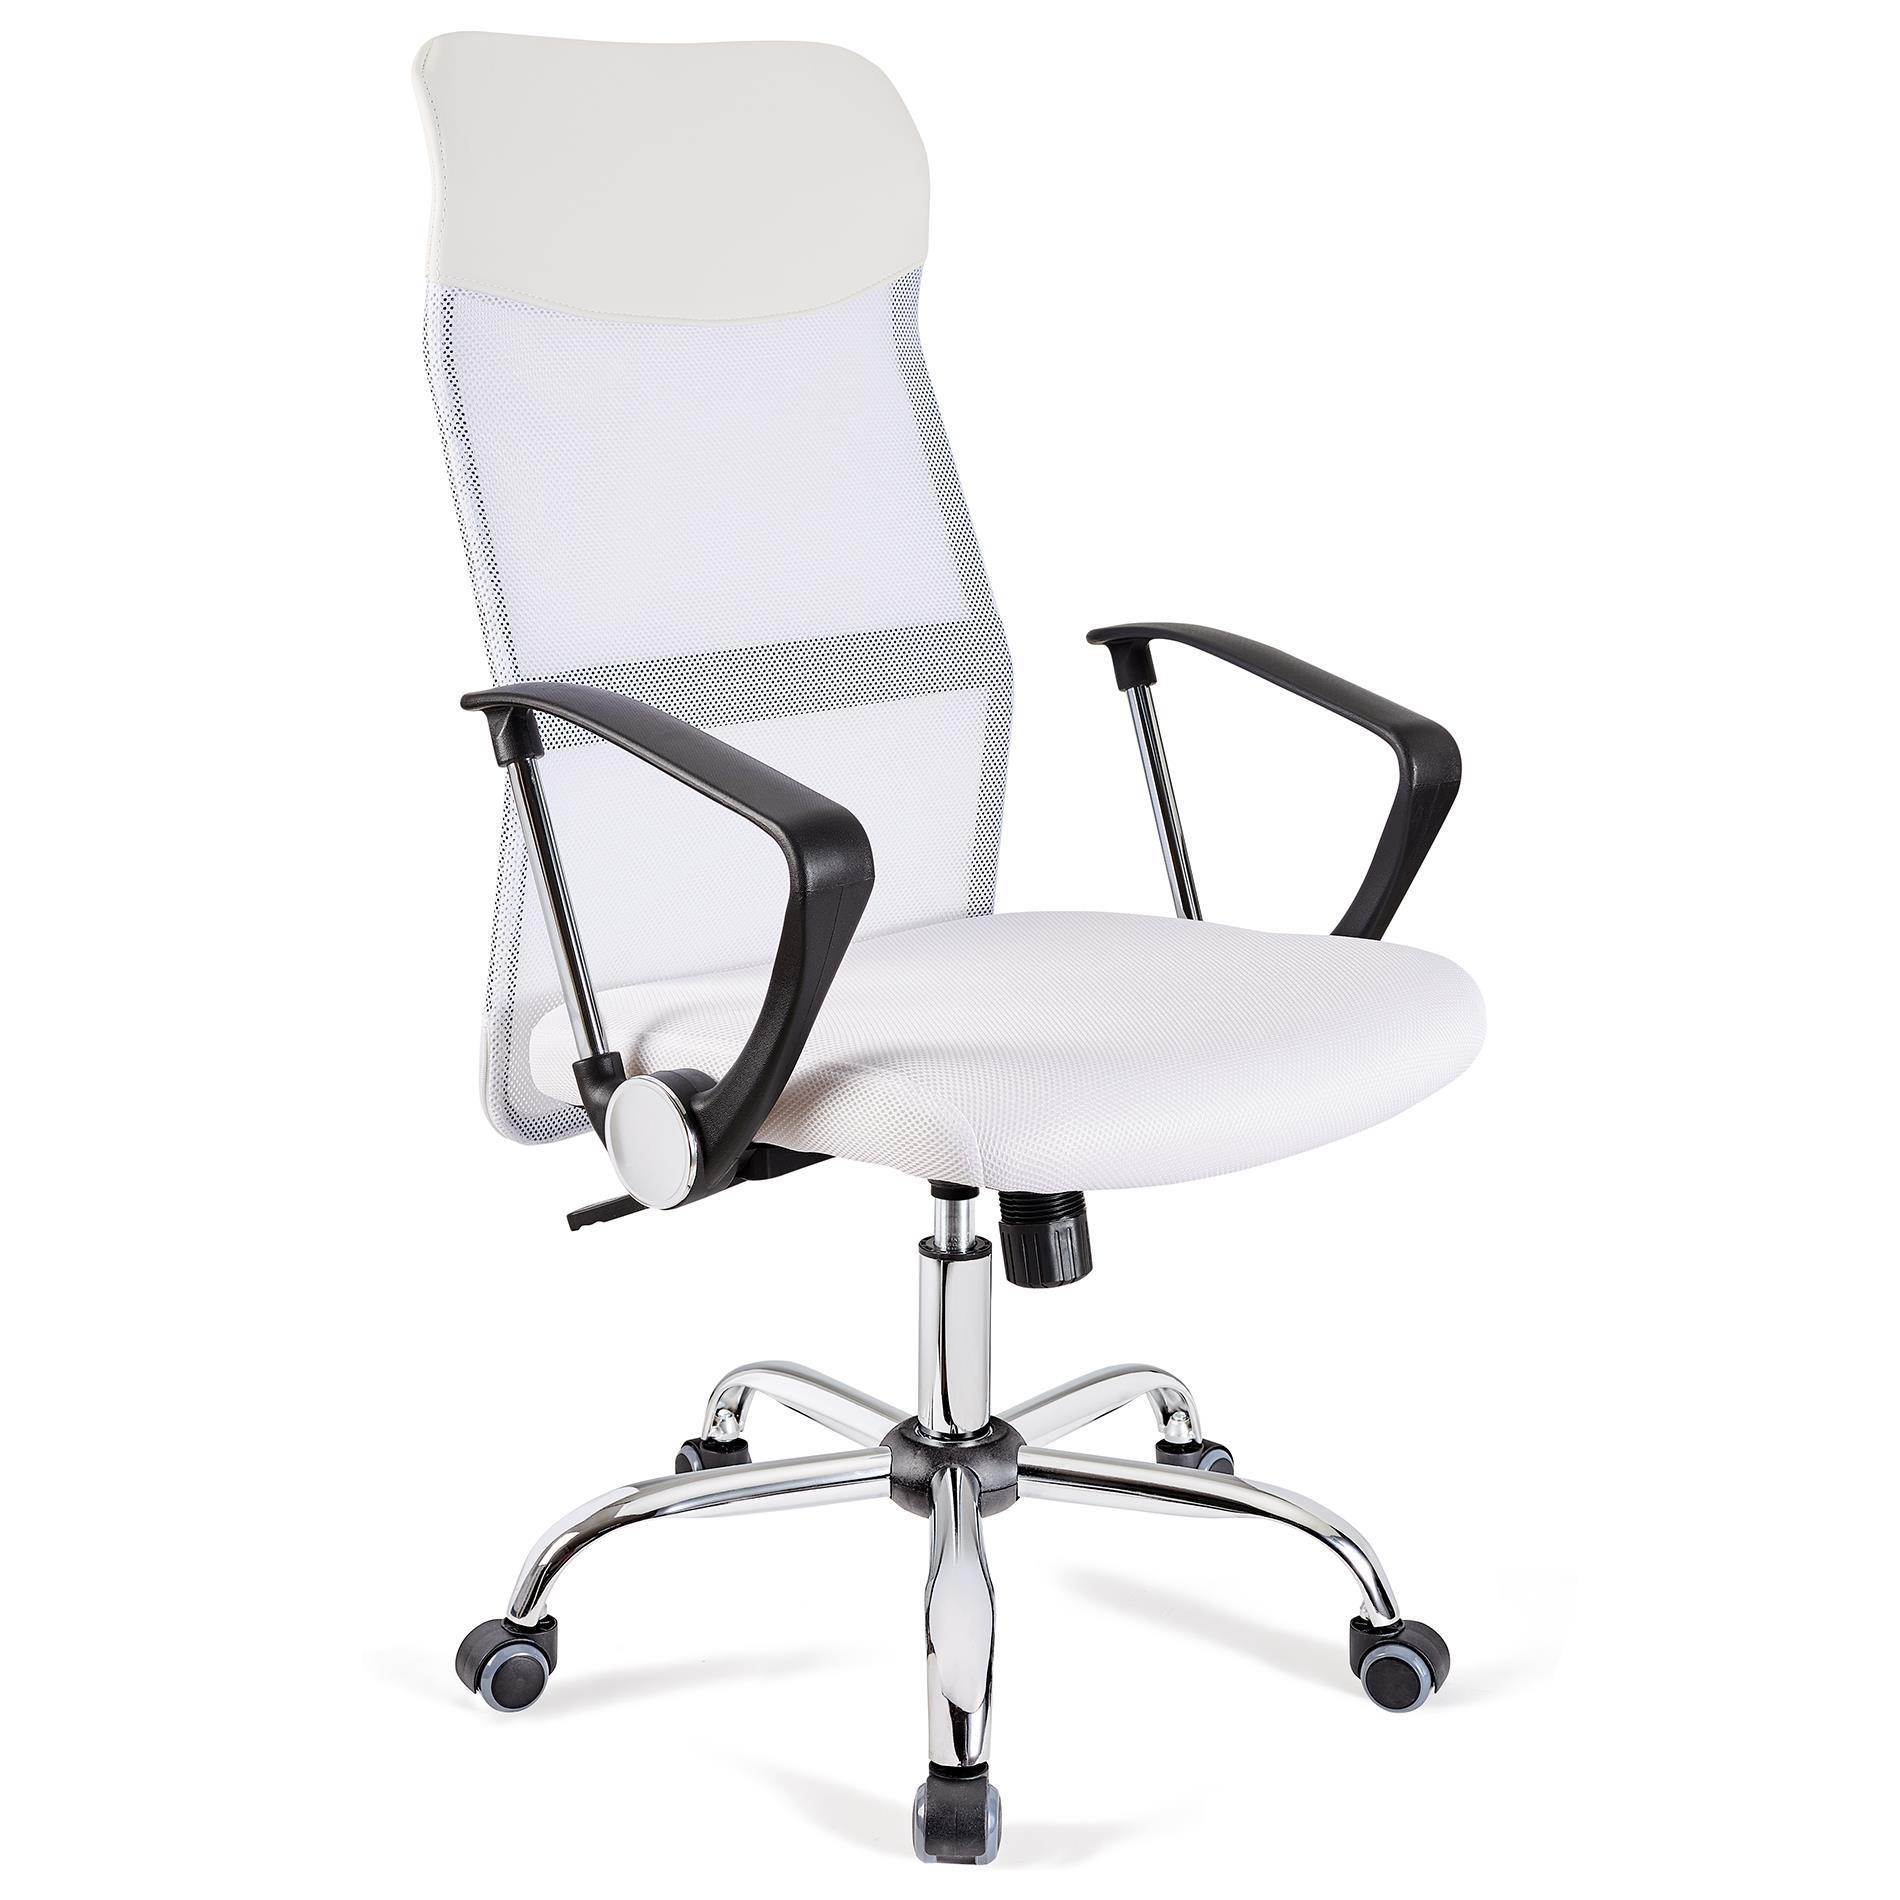 Sedia ufficio aspen rete traspirante e sedile imbottito for Sillas de oficina blancas